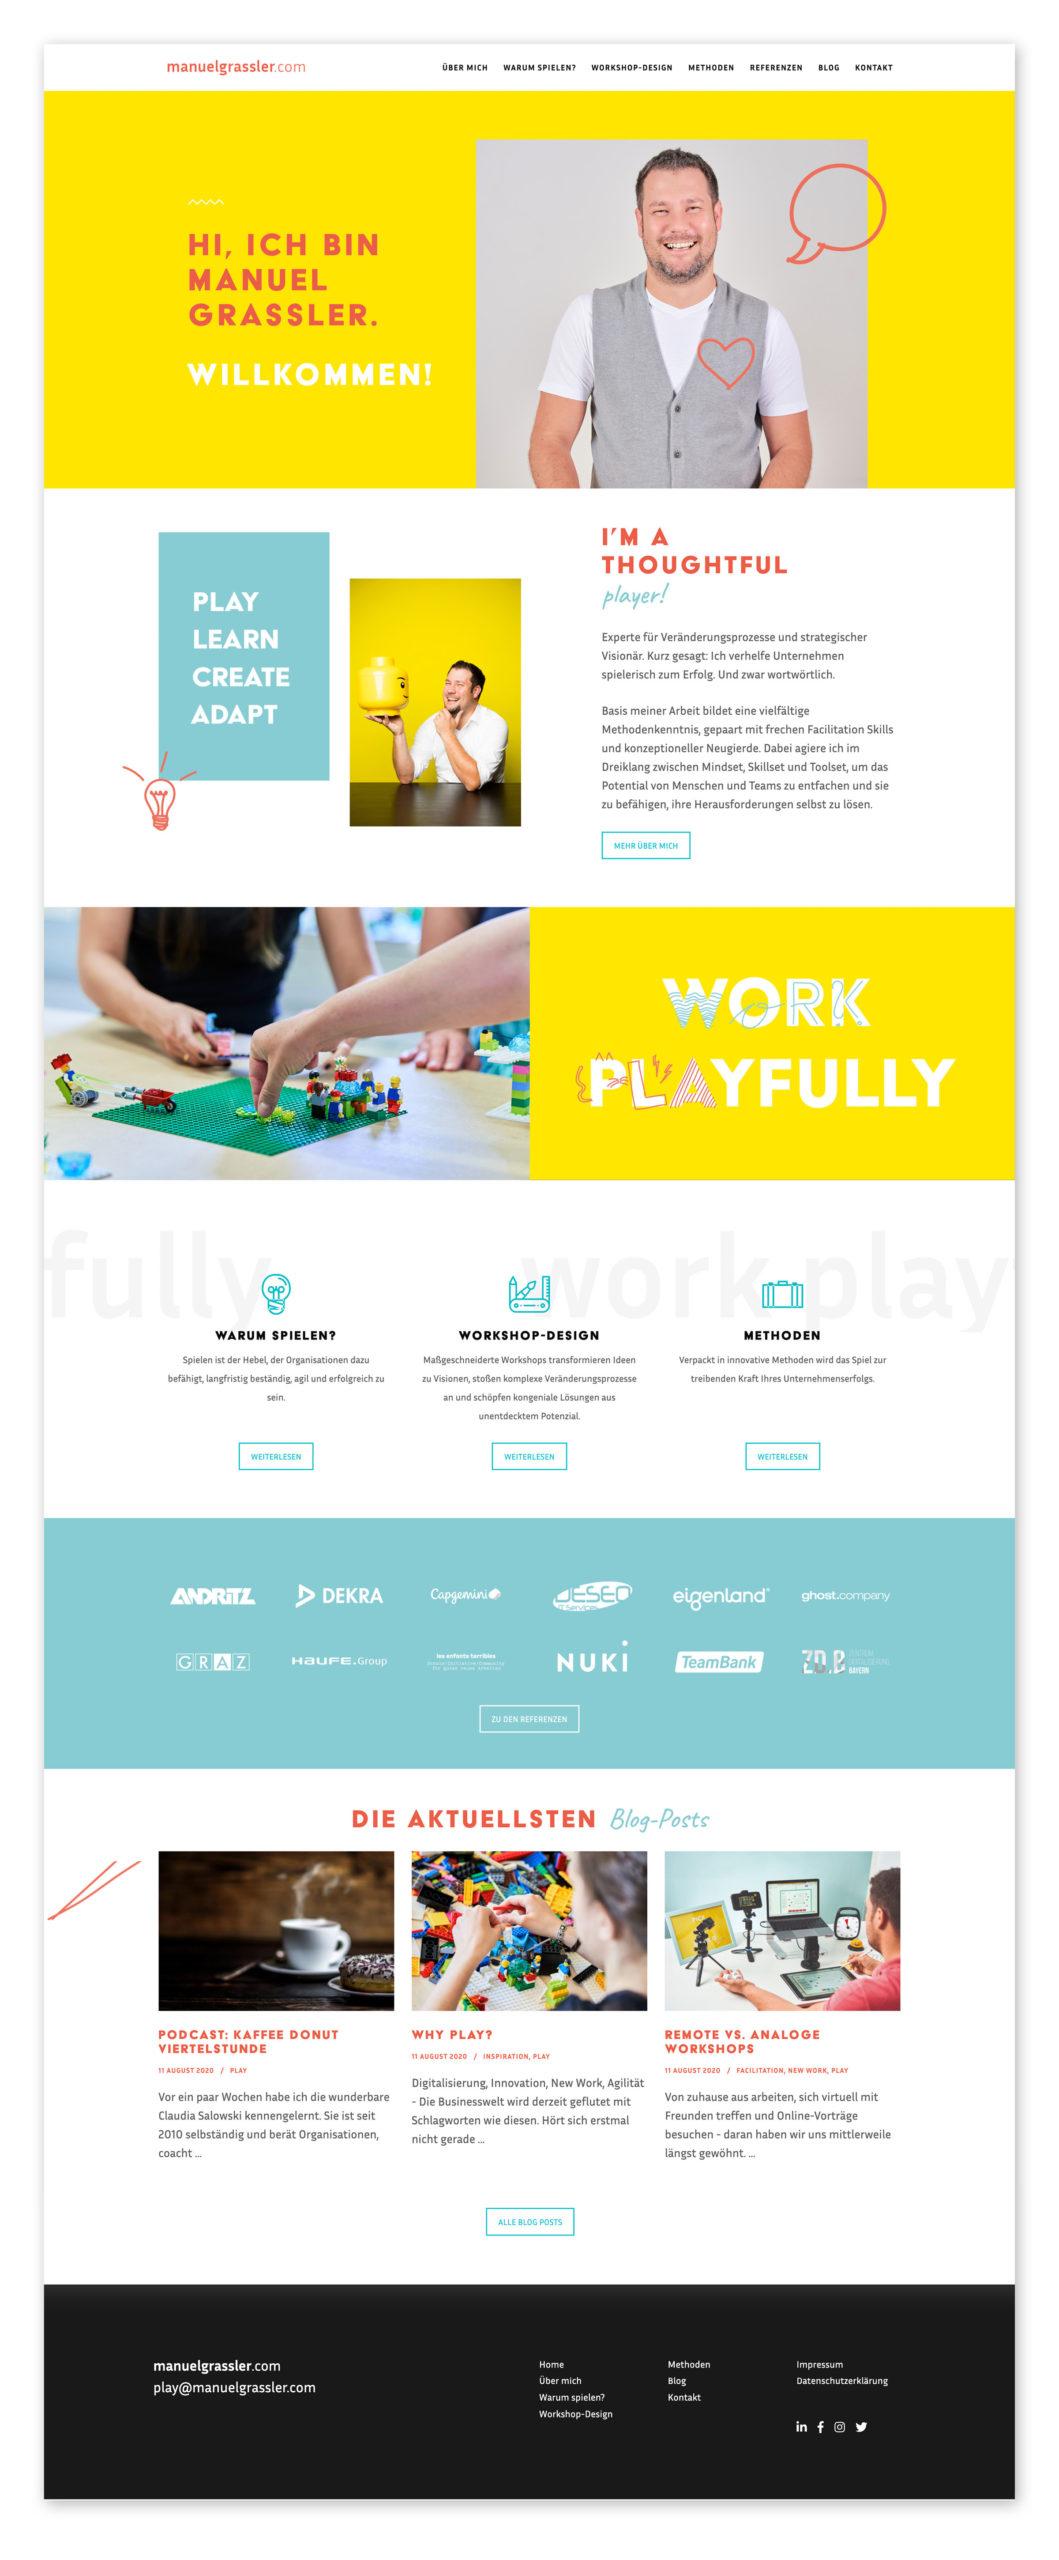 Markenauftritt für Manuel Grassler von der Designagentur look! design